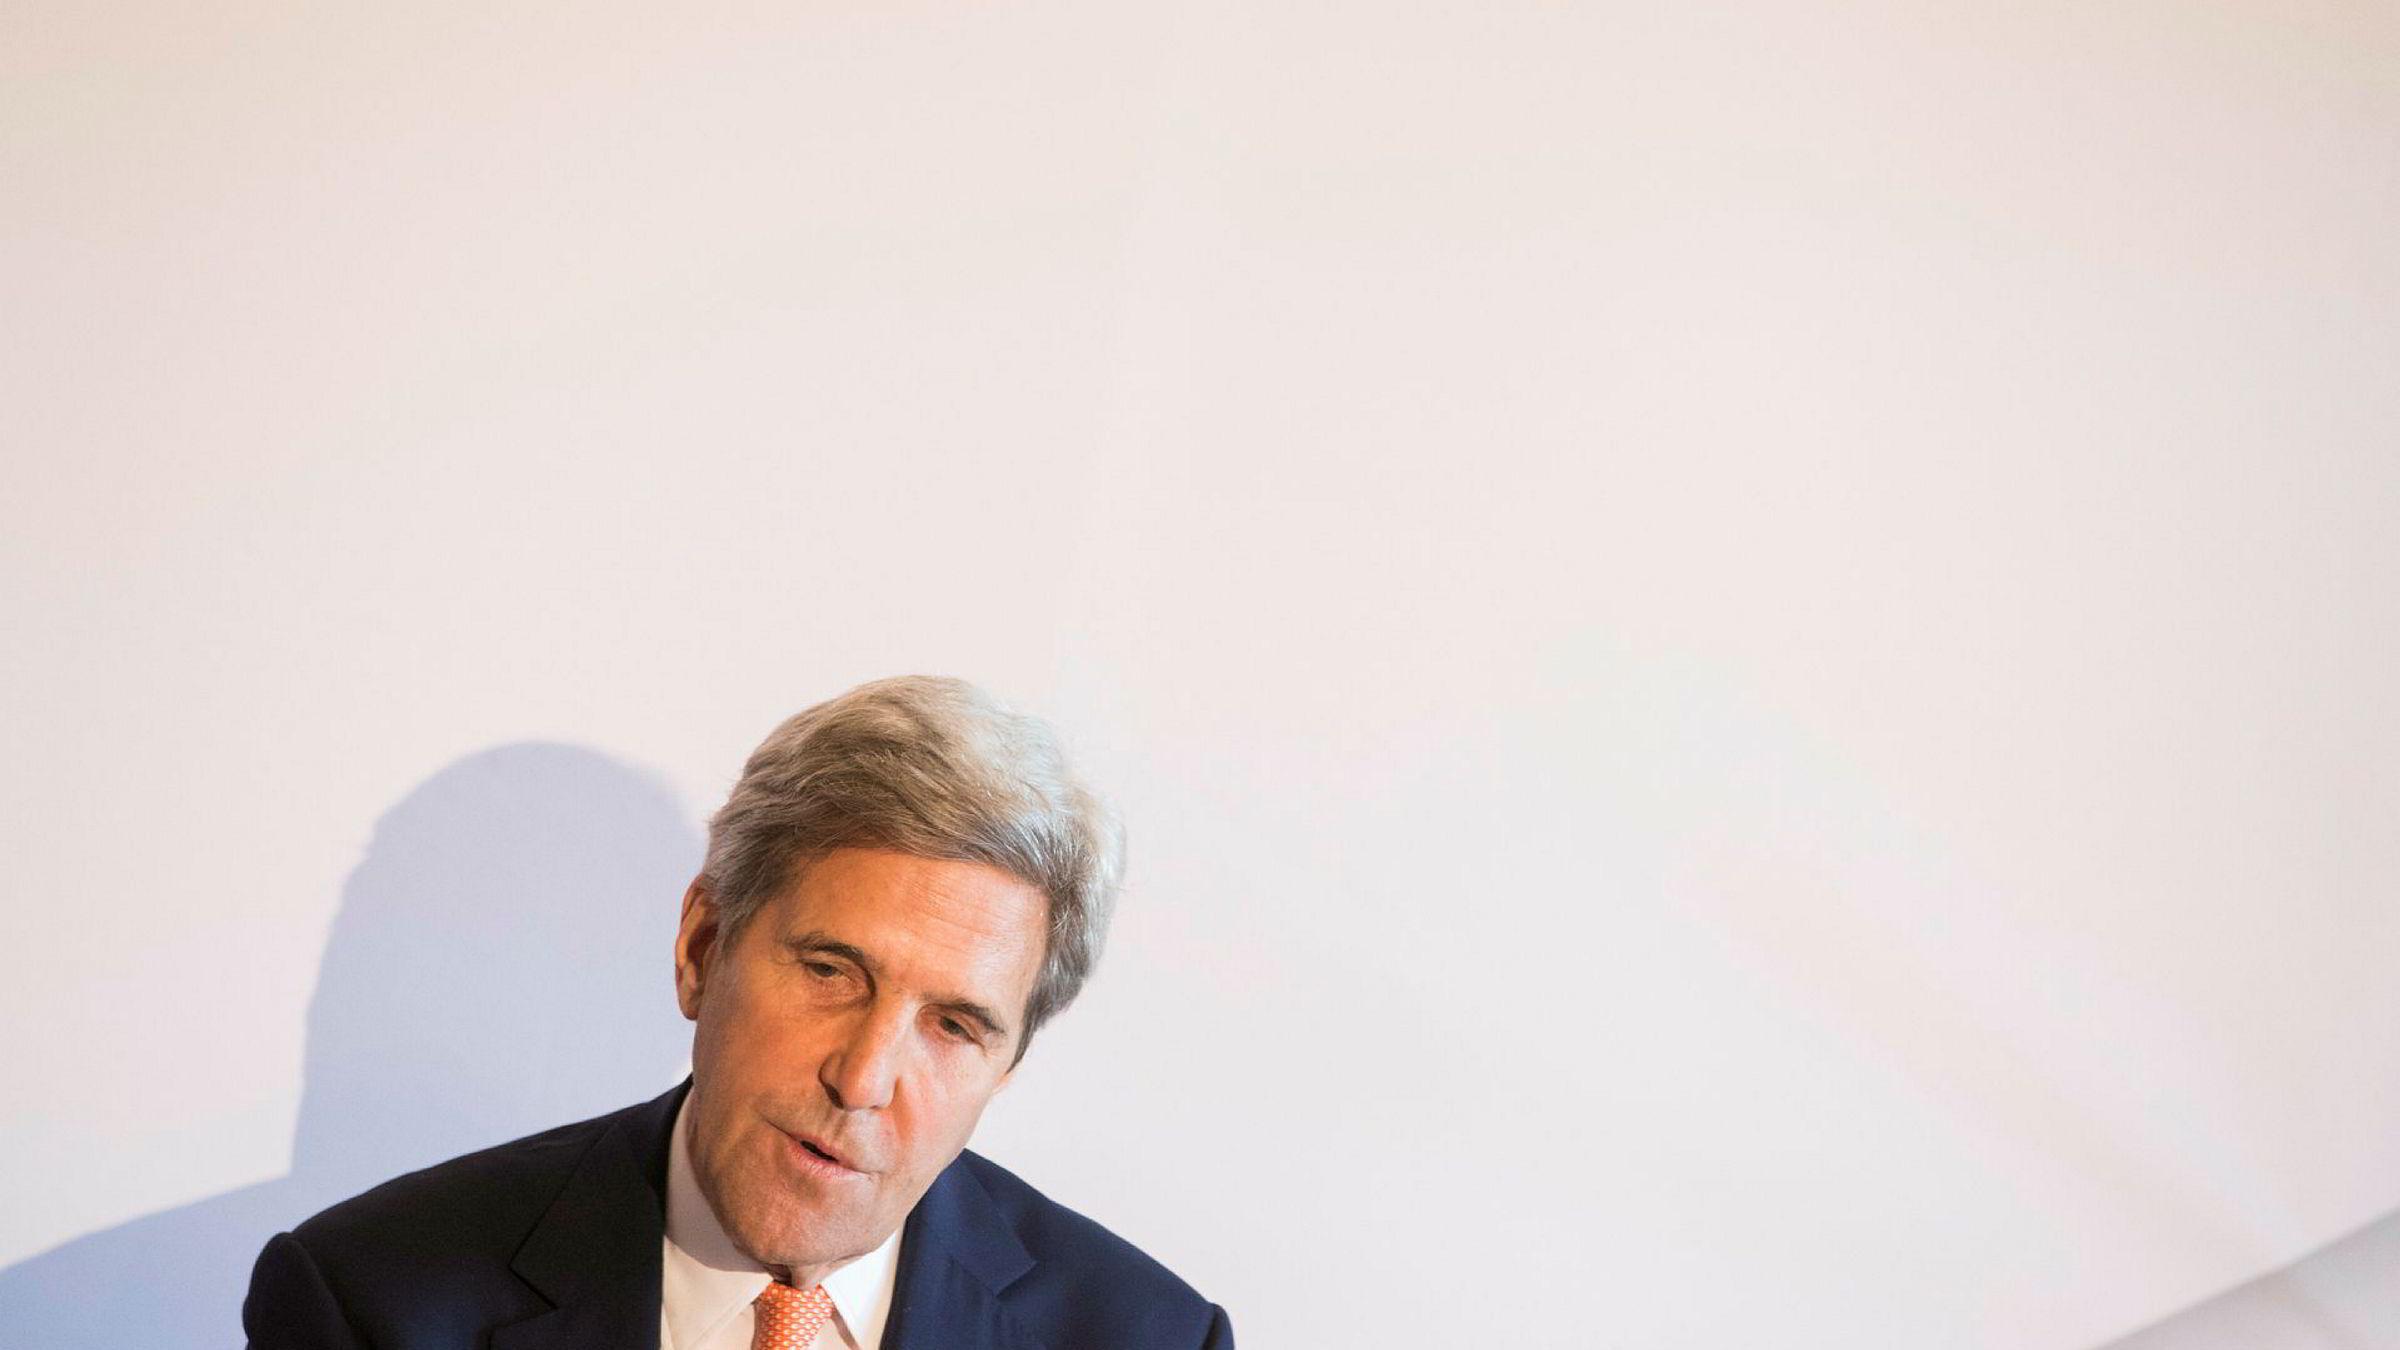 USAs tidligere utenriksminister John Kerry, her fotografert i forbindelse med et besøk i Oslo.